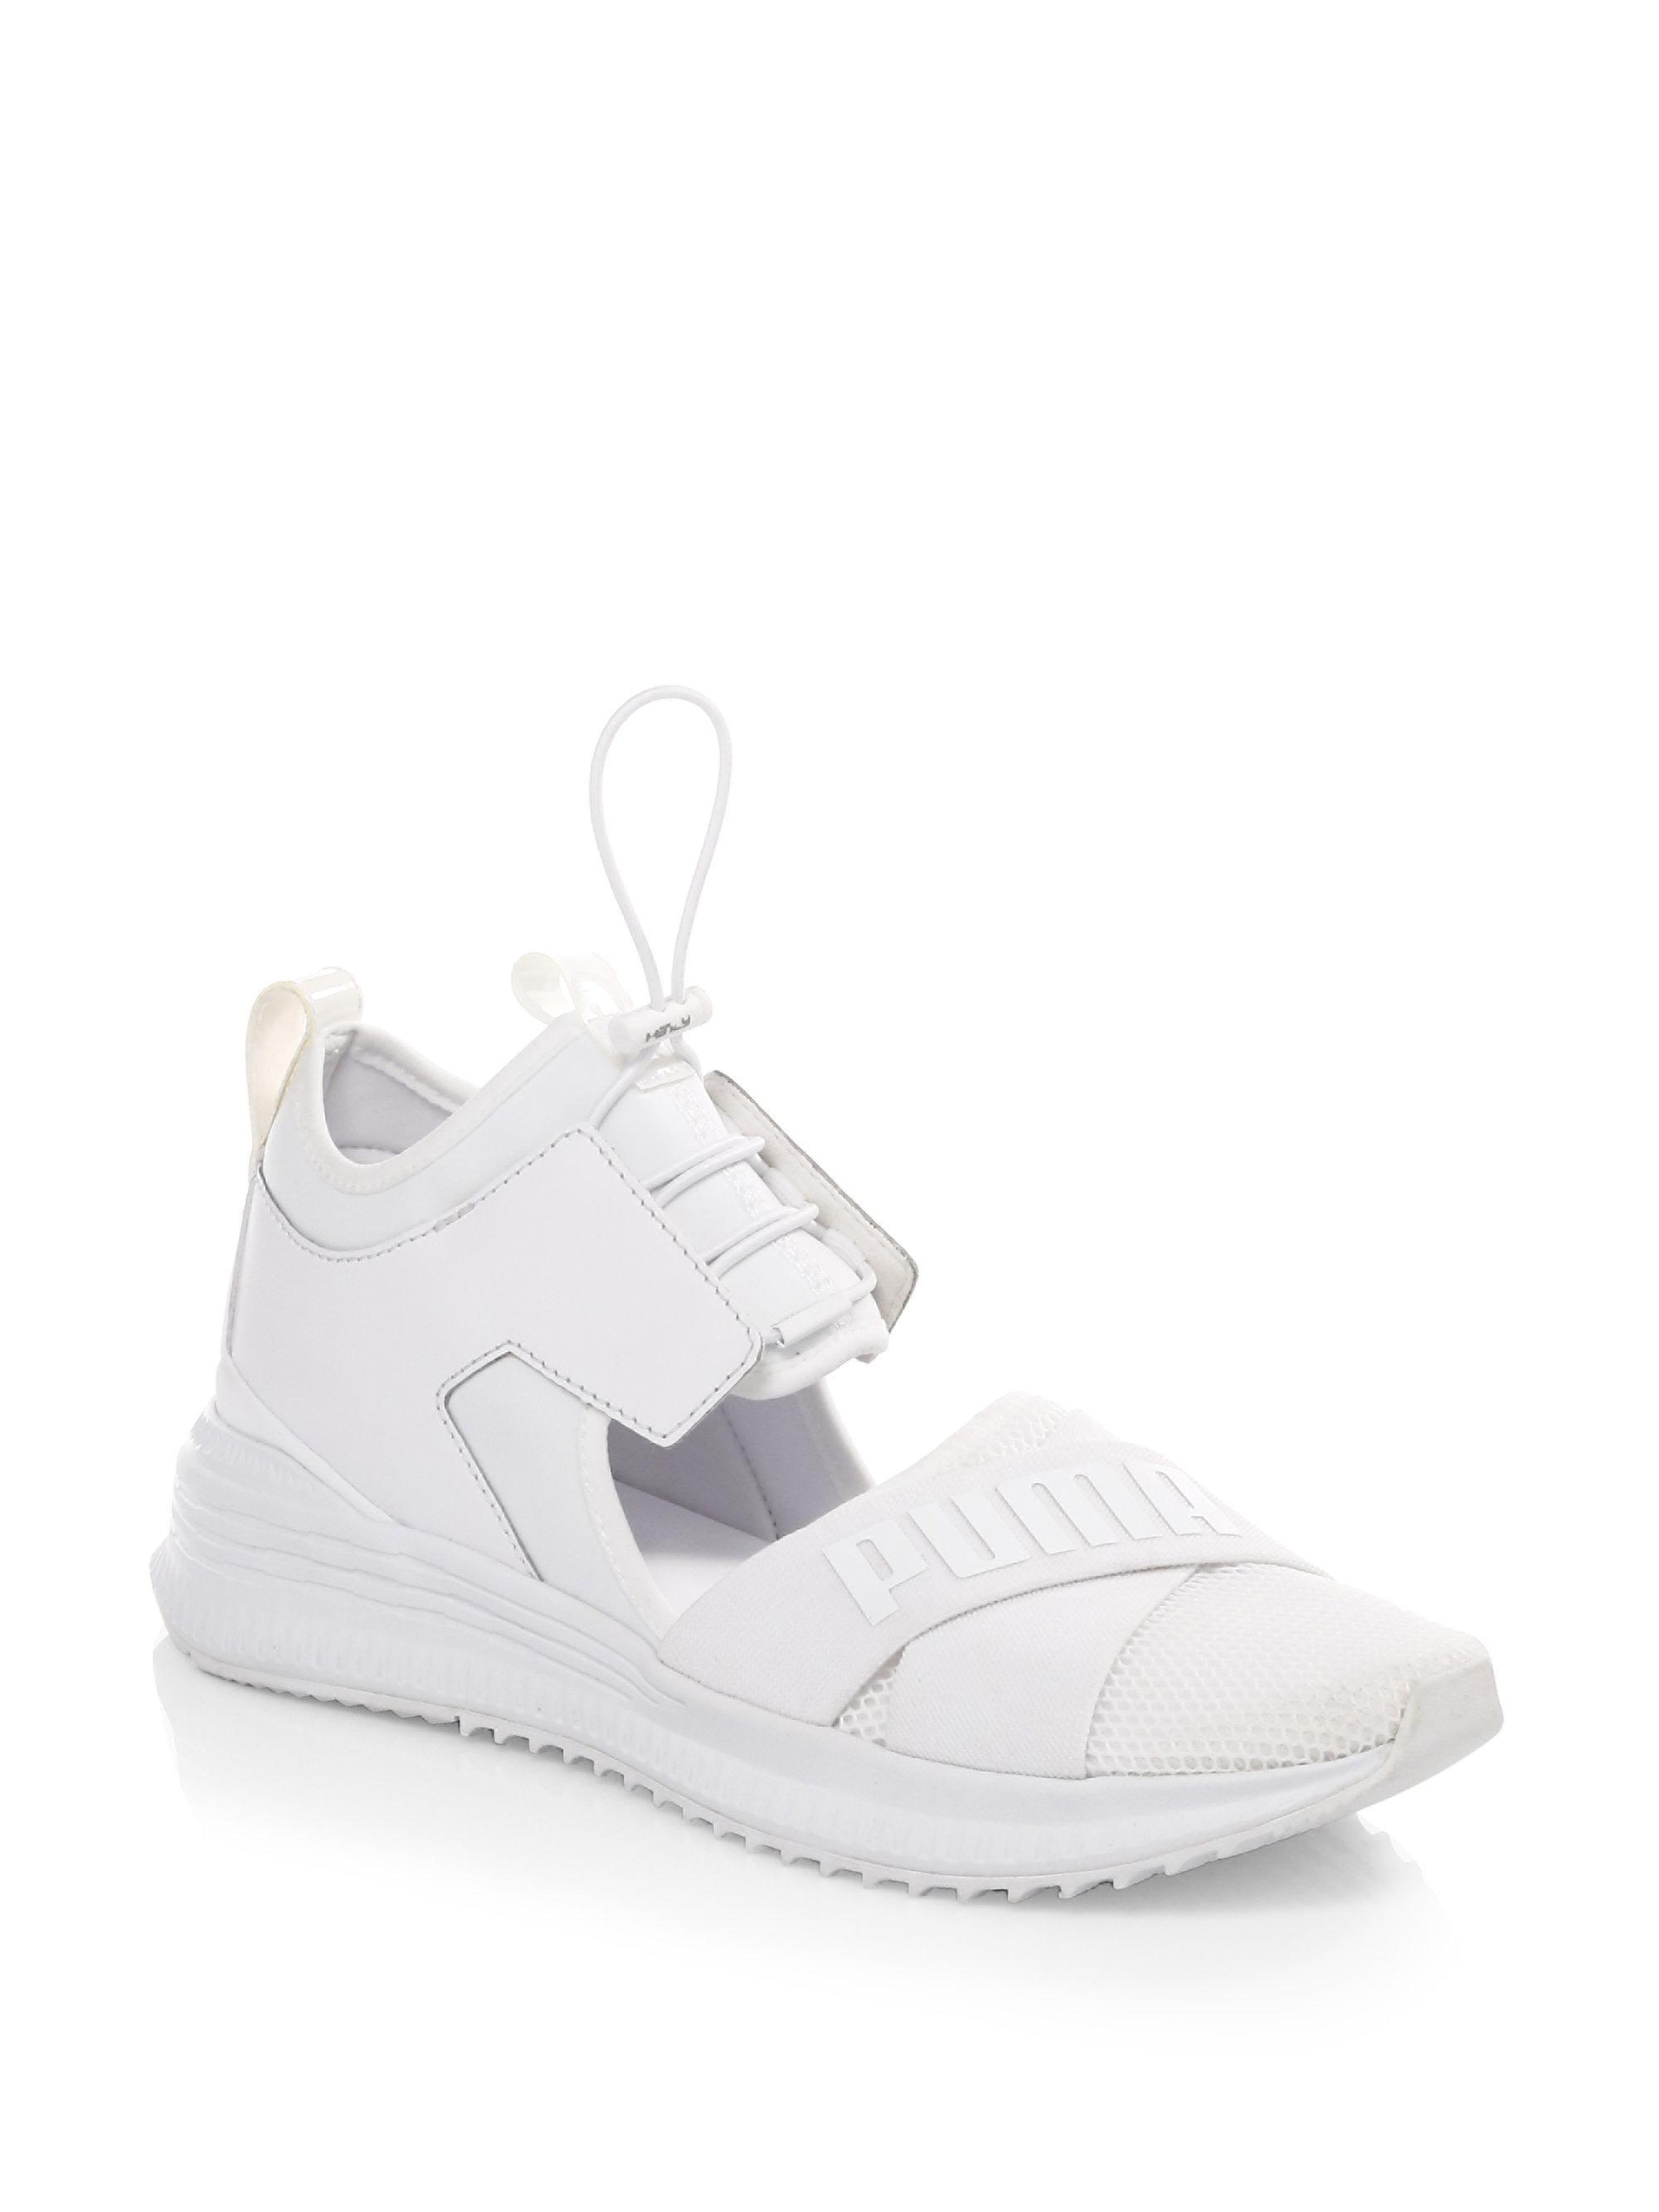 d3913a08ec84f1 Puma X Fenty Avid Wings Sneakers in White - Lyst